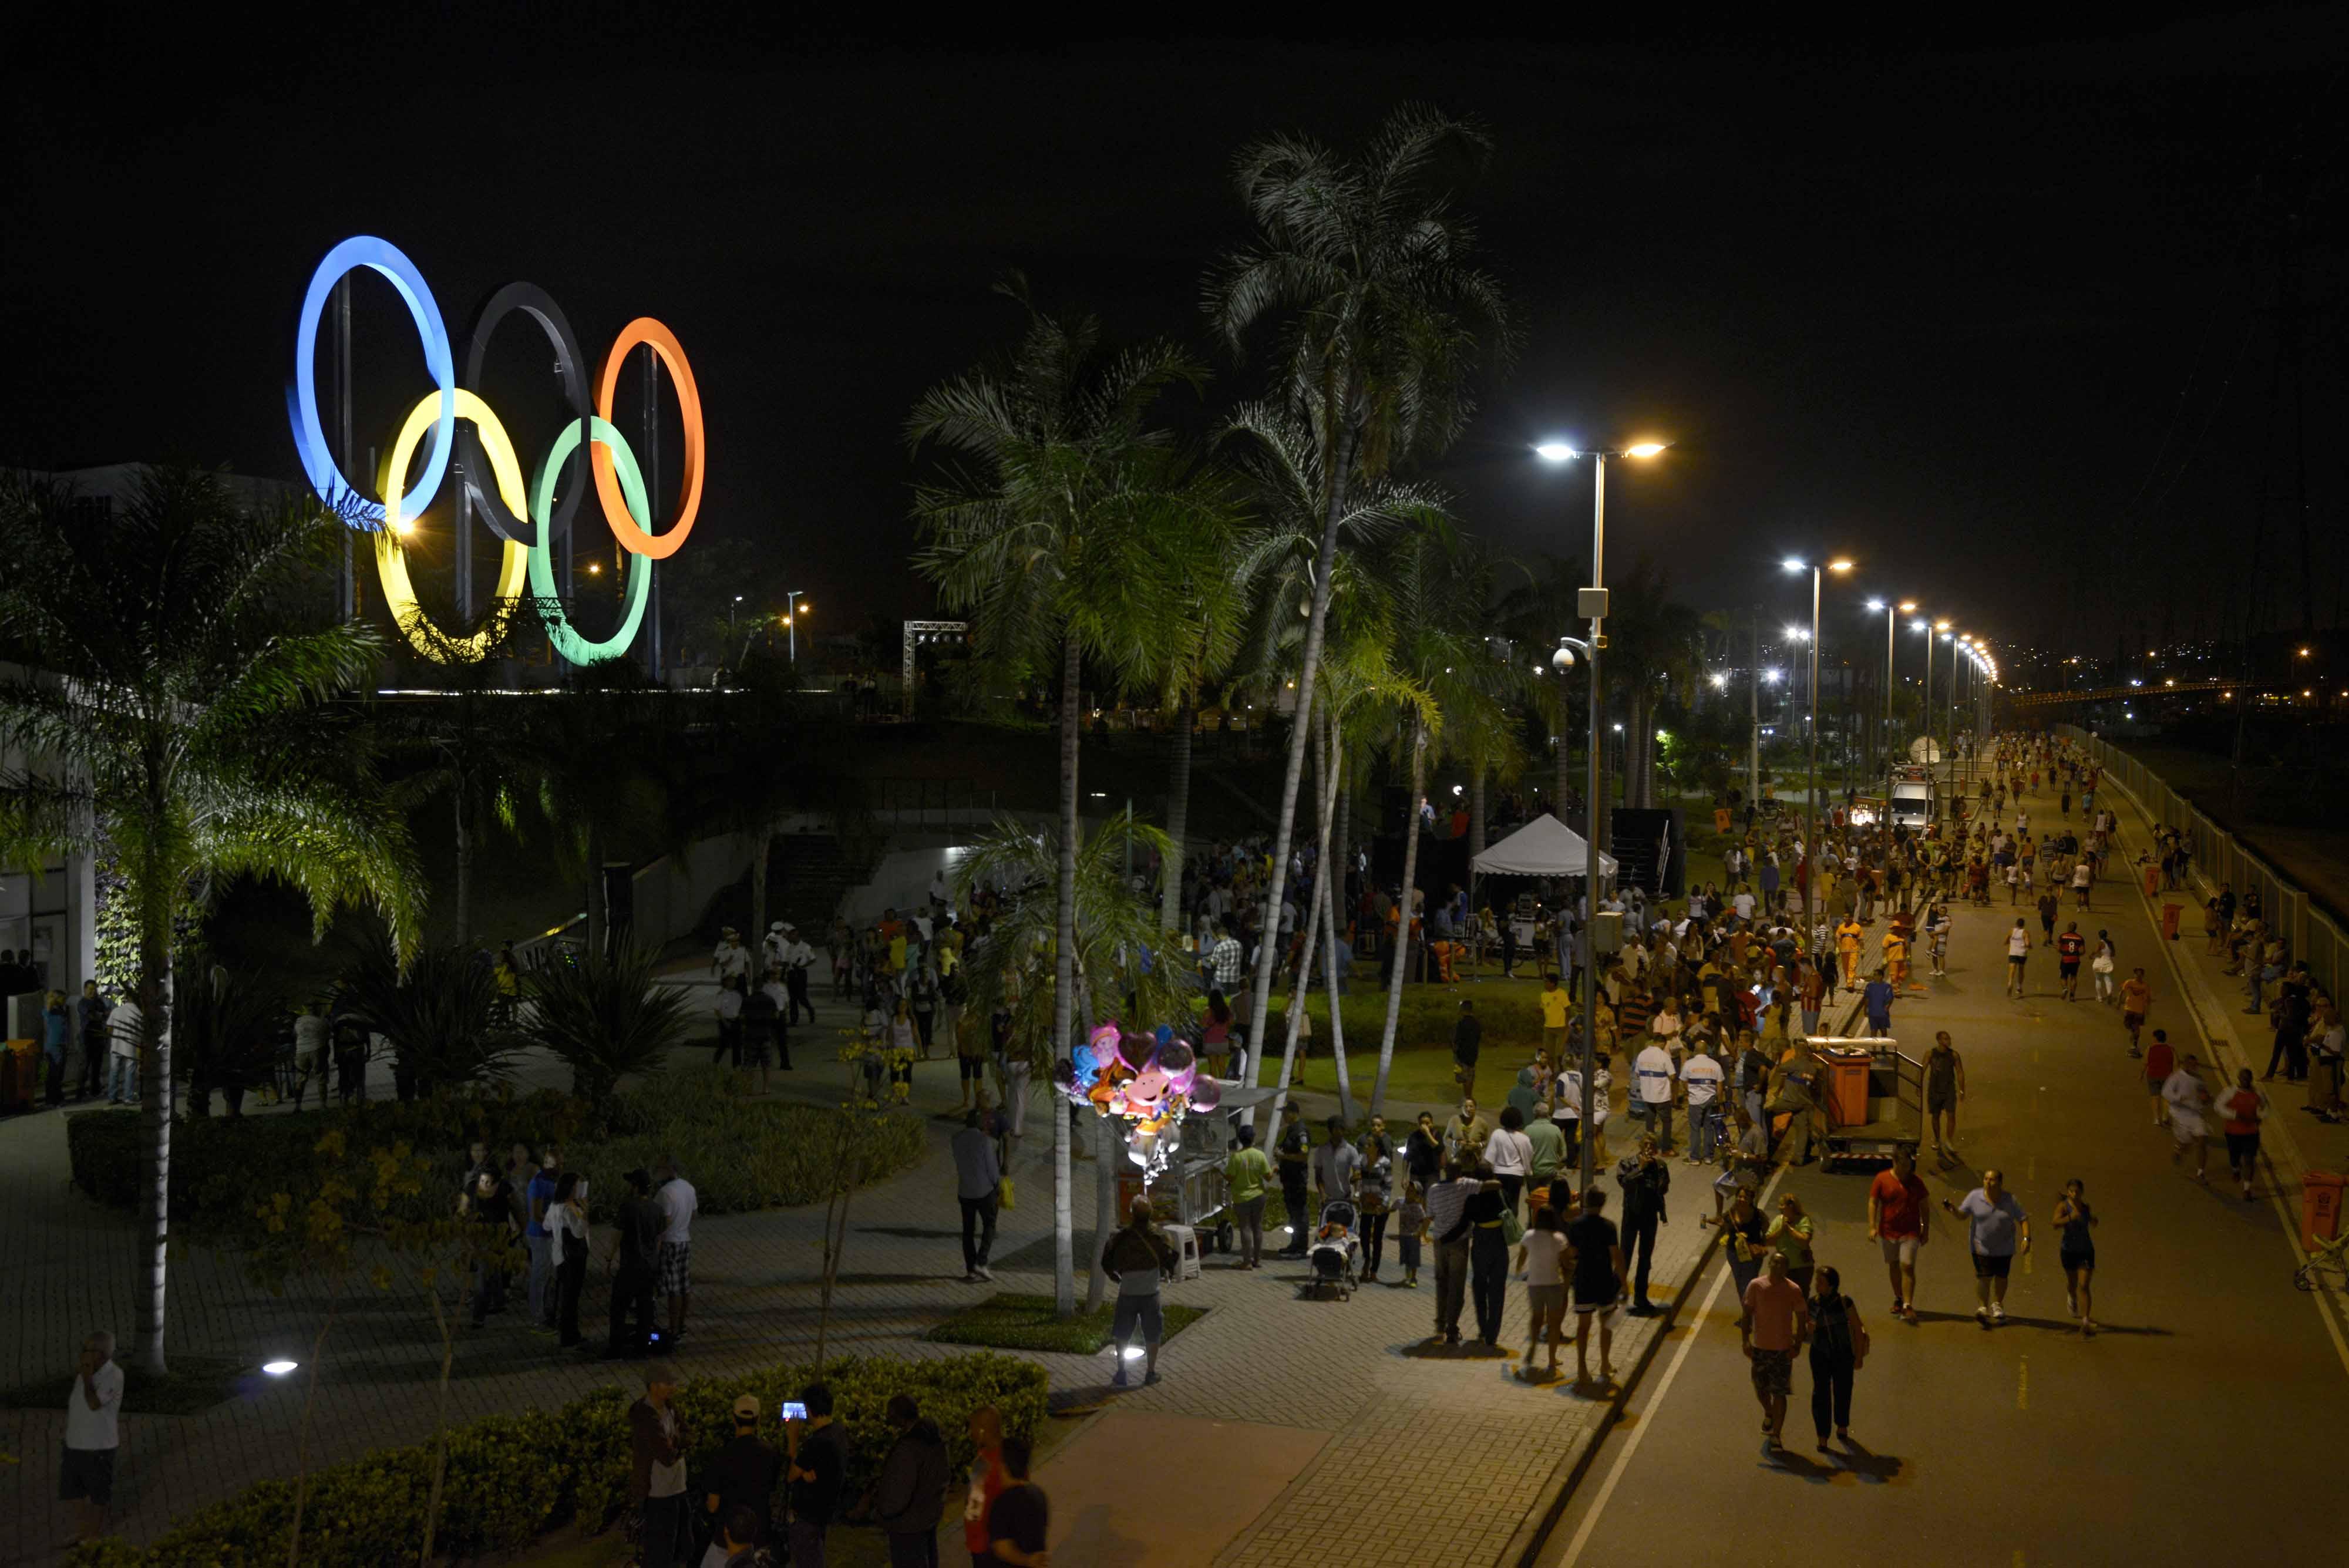 Juegos Olímpicos Rio 2016 Surpervisión de (Obras)